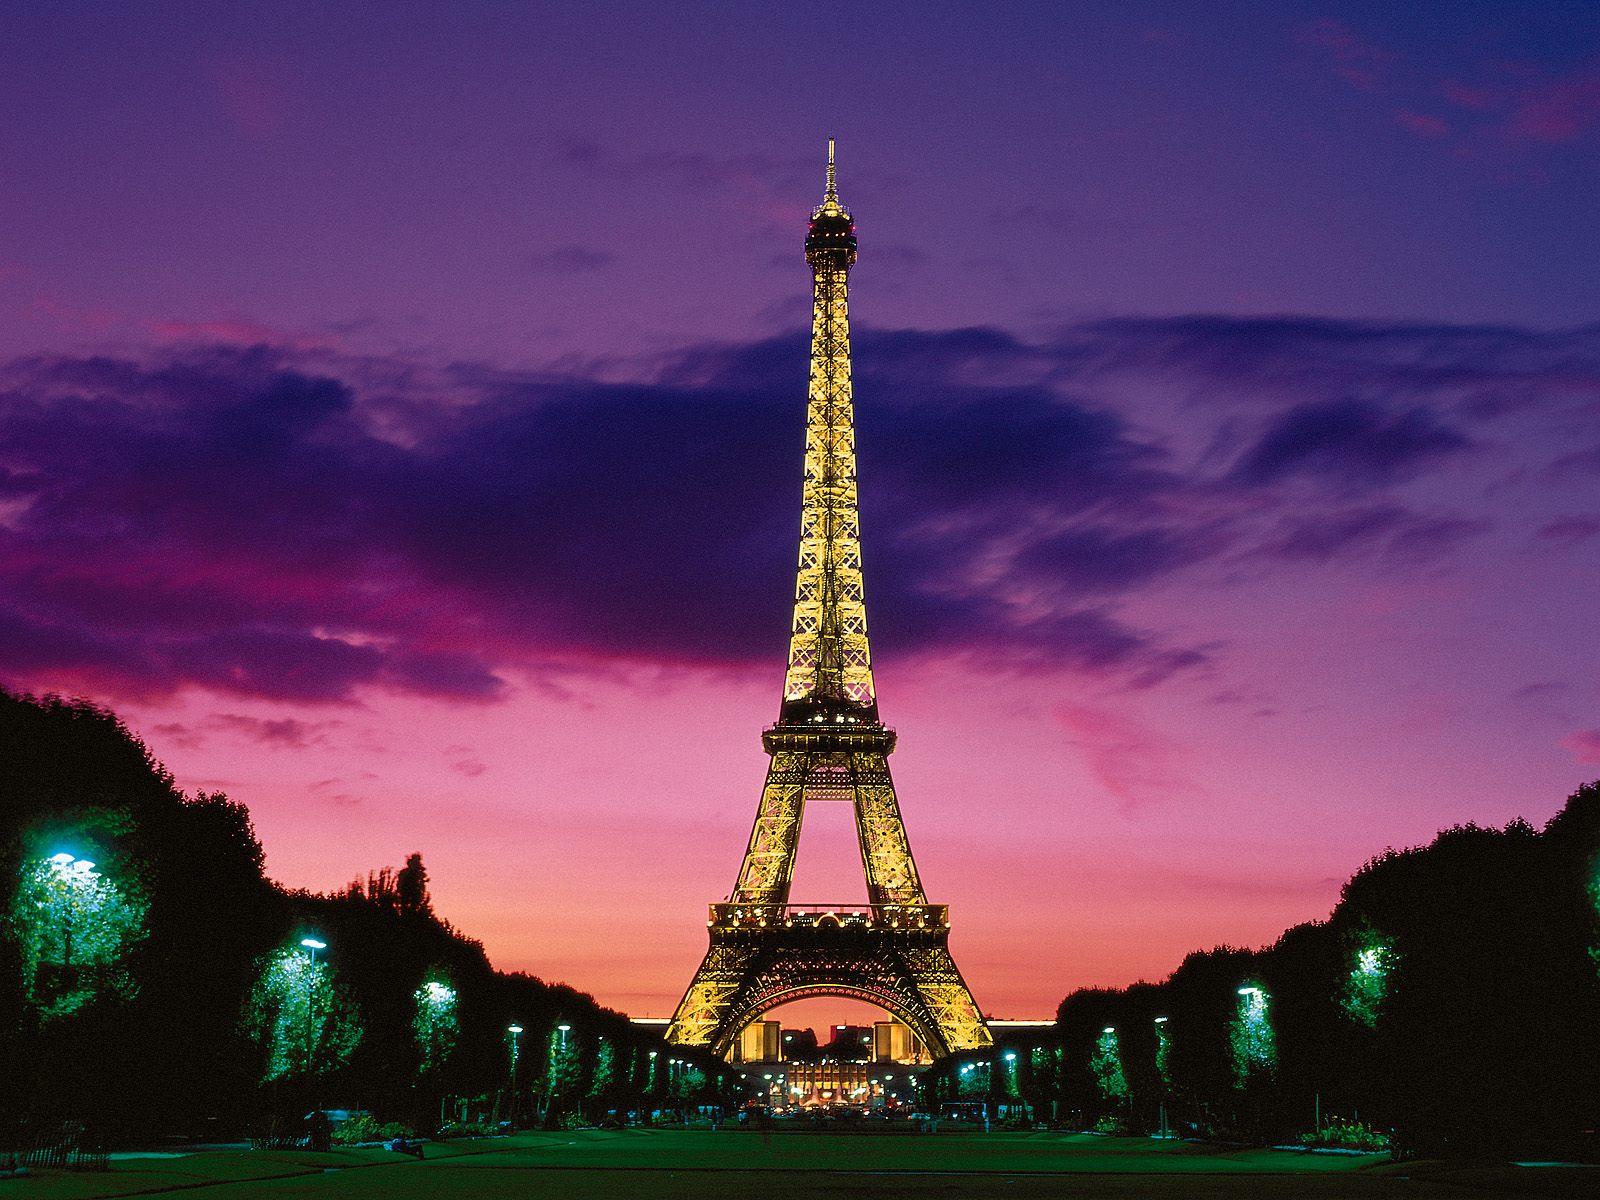 Wallpaper Love Paris Hd : TOP HD WALLPAPERS: BEAUTIFUL PARIS HD WALLPAPERS